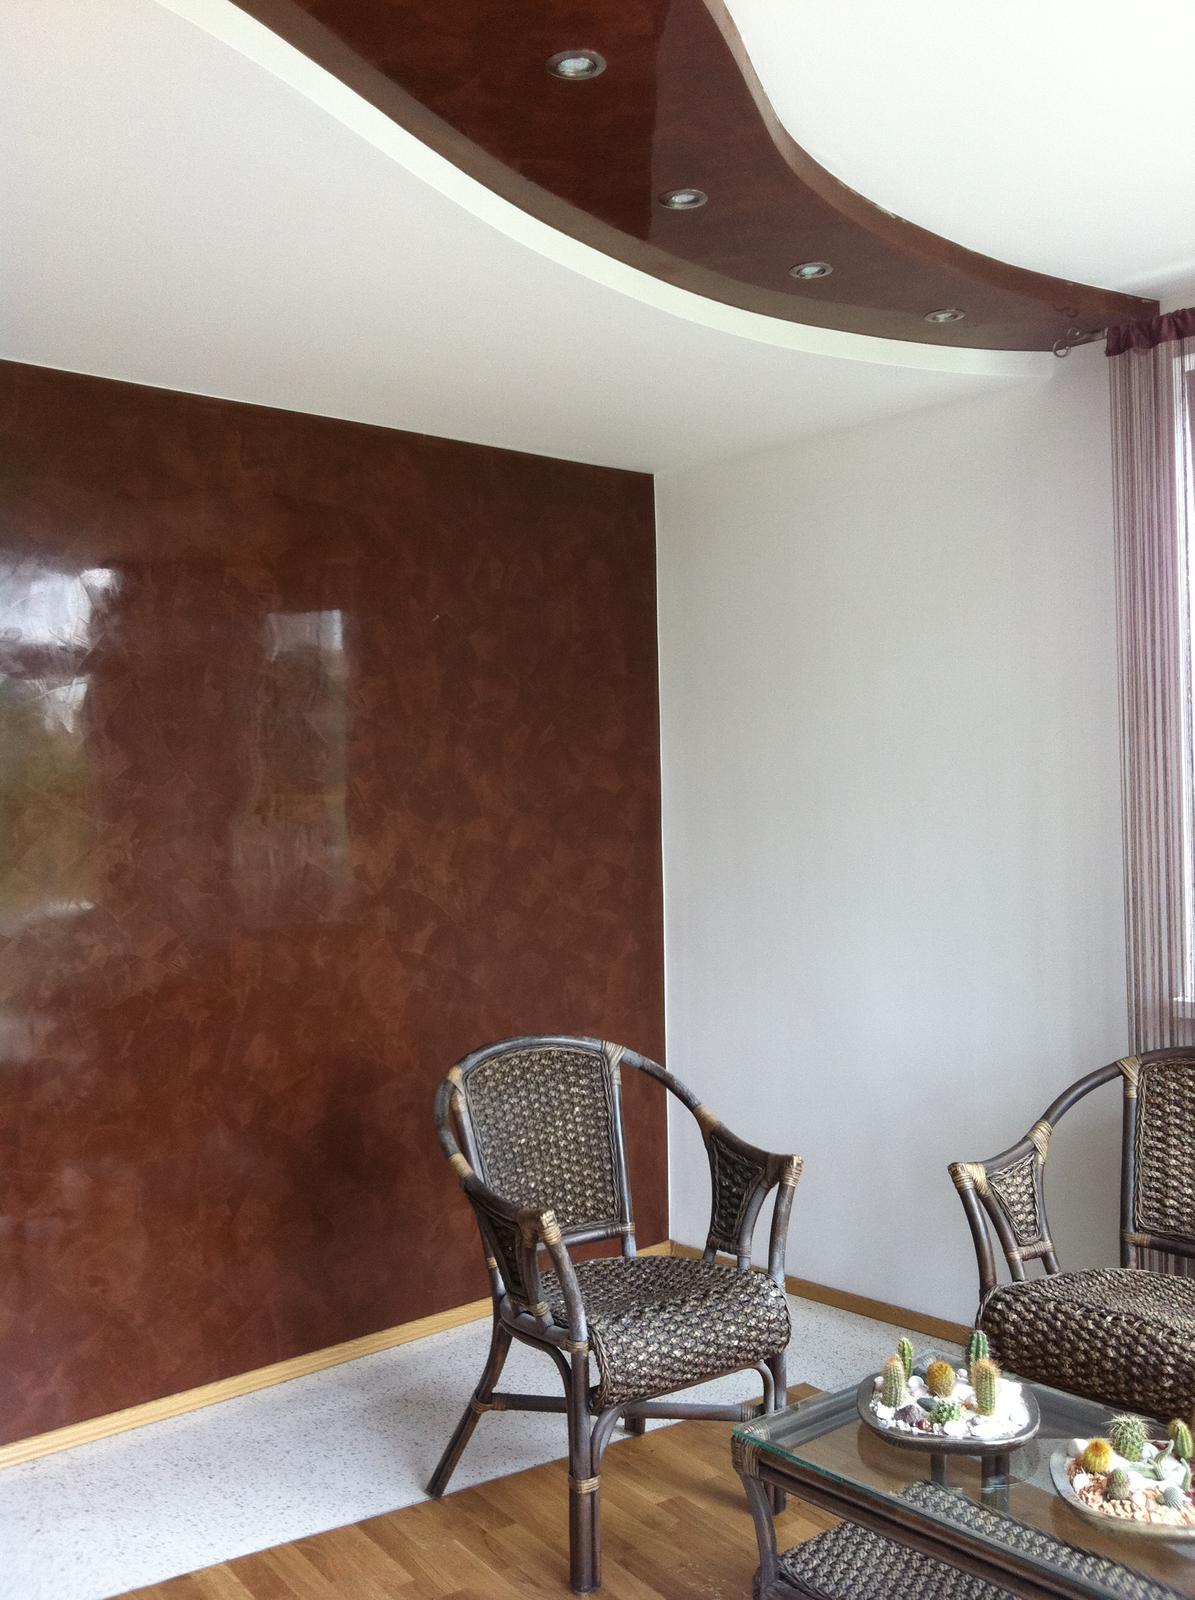 eurotipek - Benátske štuko je exkluzívna stierka do interiéru. Liata podlaha v tomto prípade je kombinovaná s dubovým drevom. Realizácia u mňa doma :) Dizajn -vlastný návrh